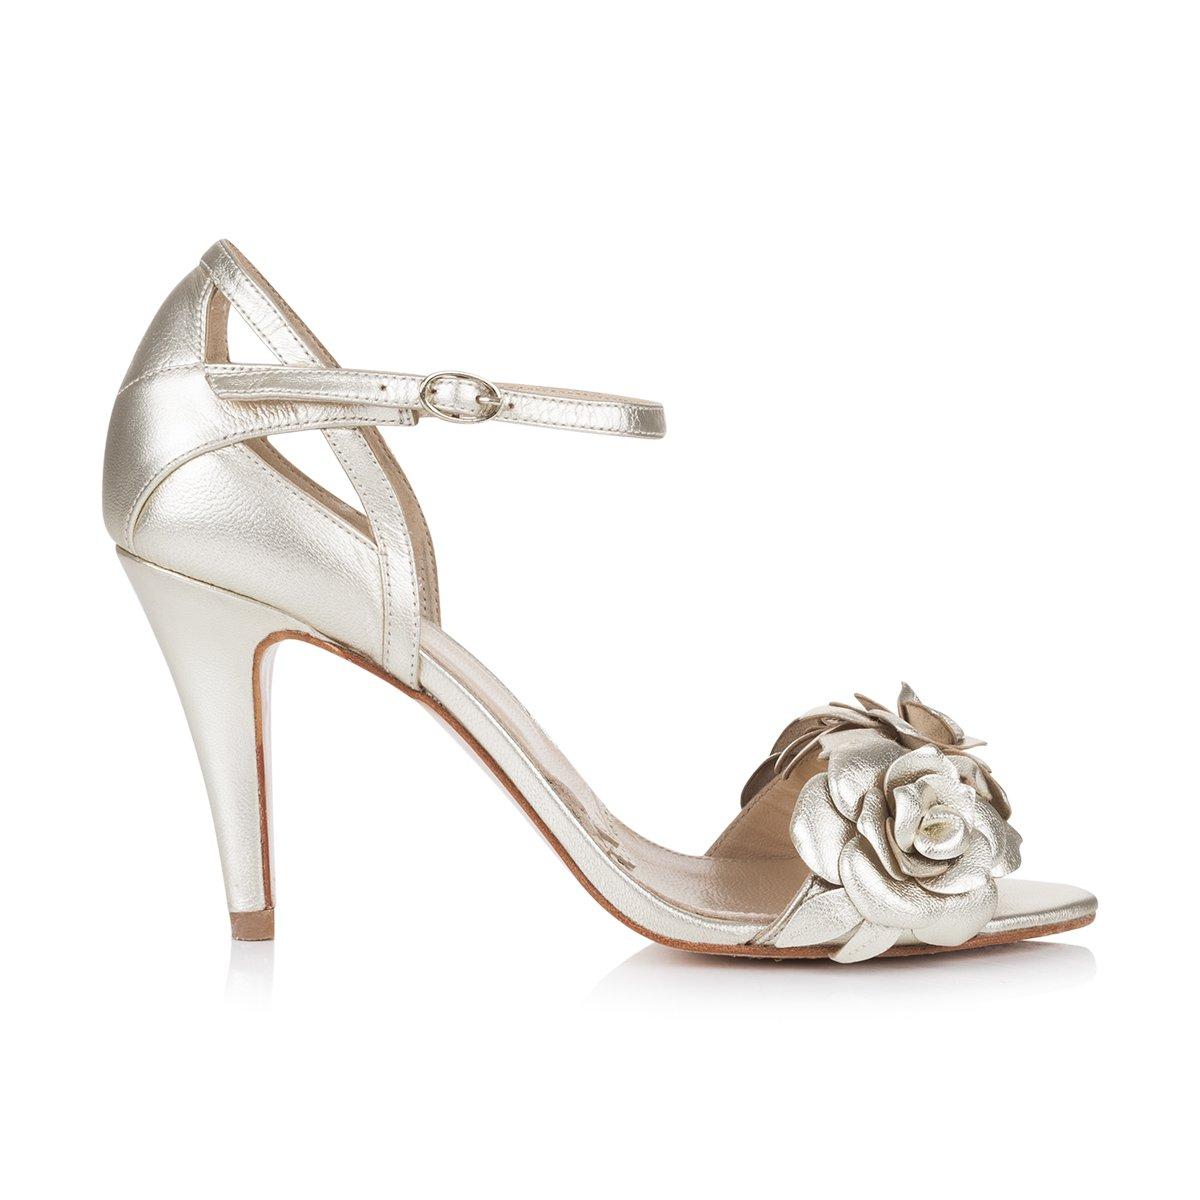 Green Wedding Shoes x Rachel Simpson - Zoe Wedding Shoe